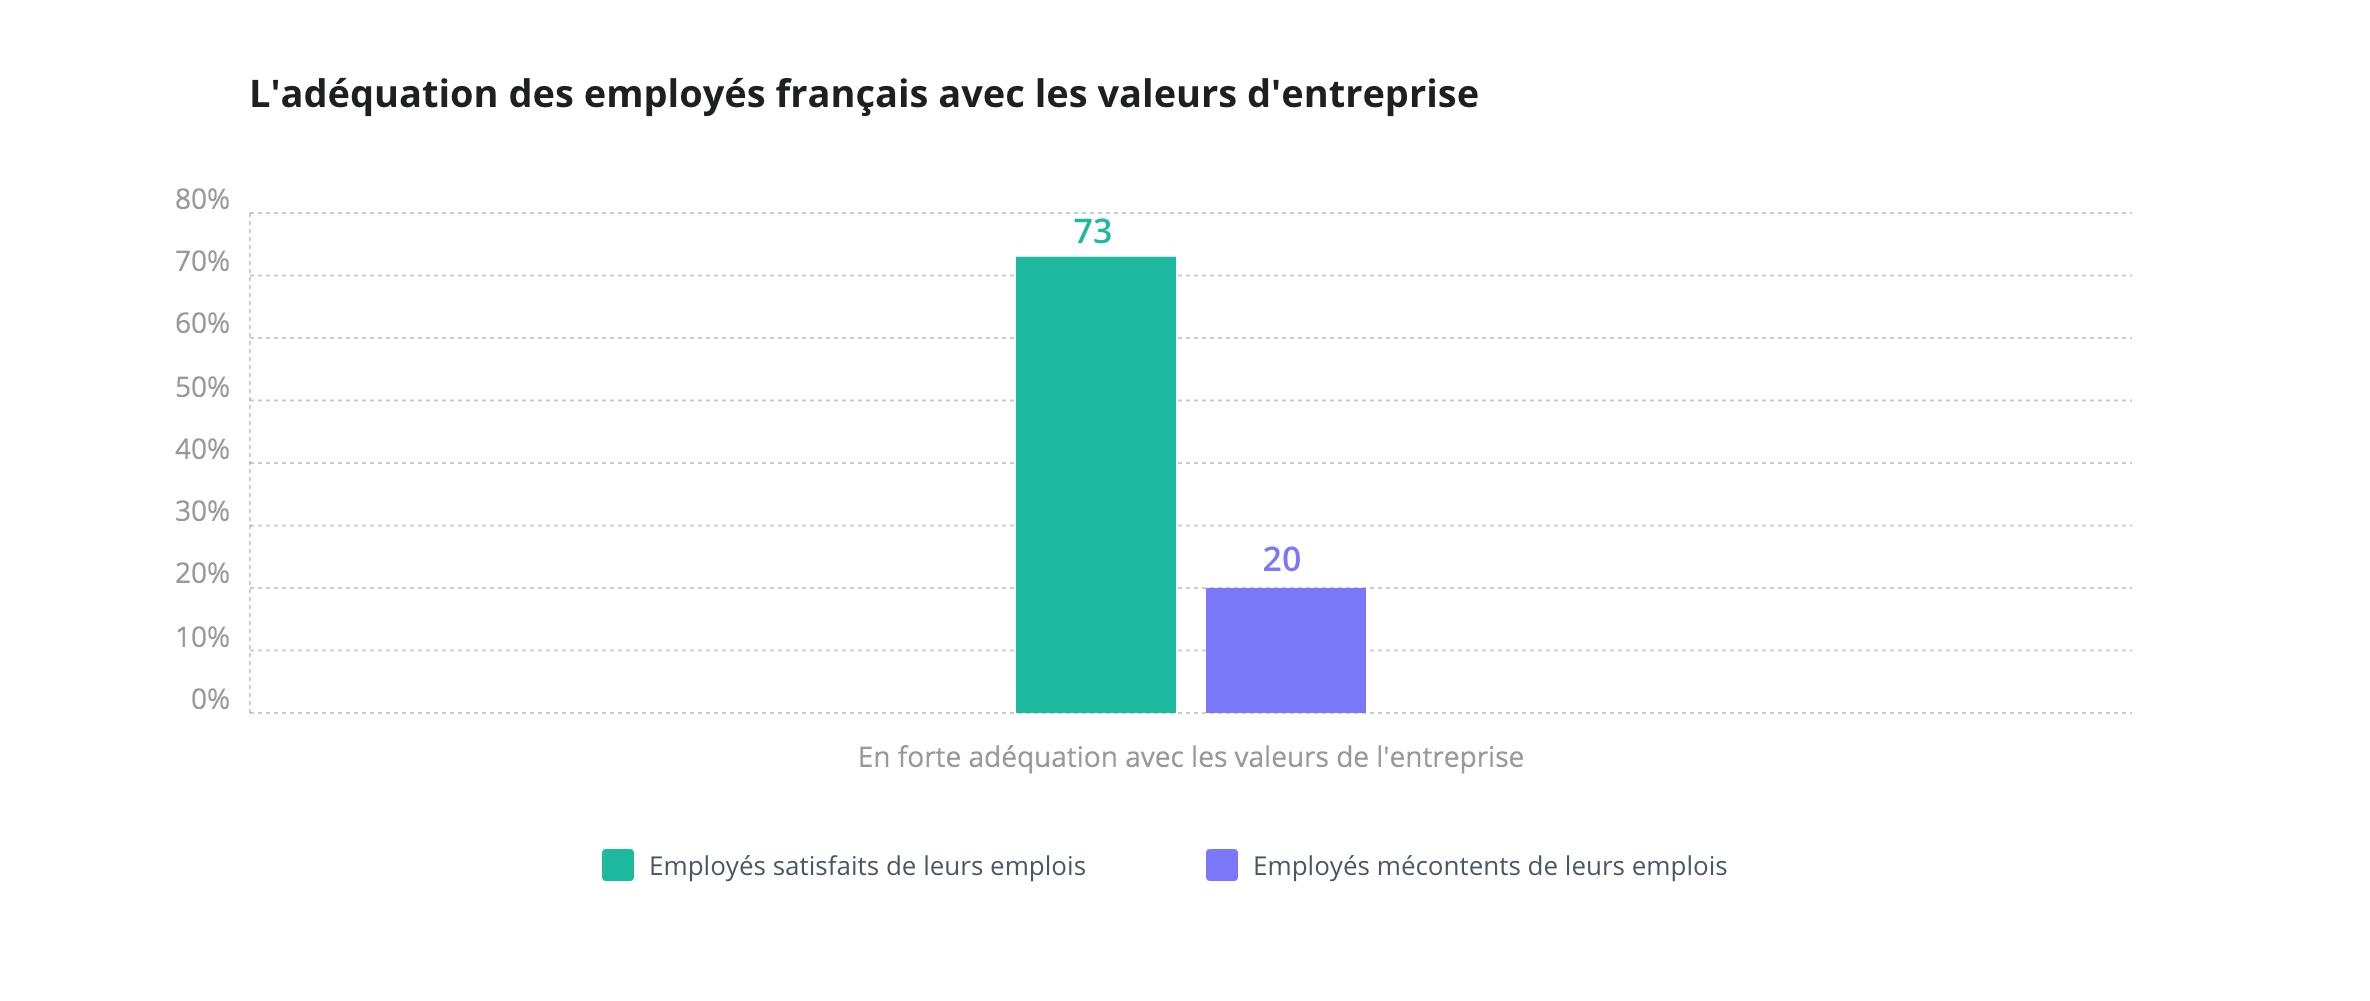 Wrike Happiness index 2018 : l'adéquation des employés avec les valeurs de l'entreprise